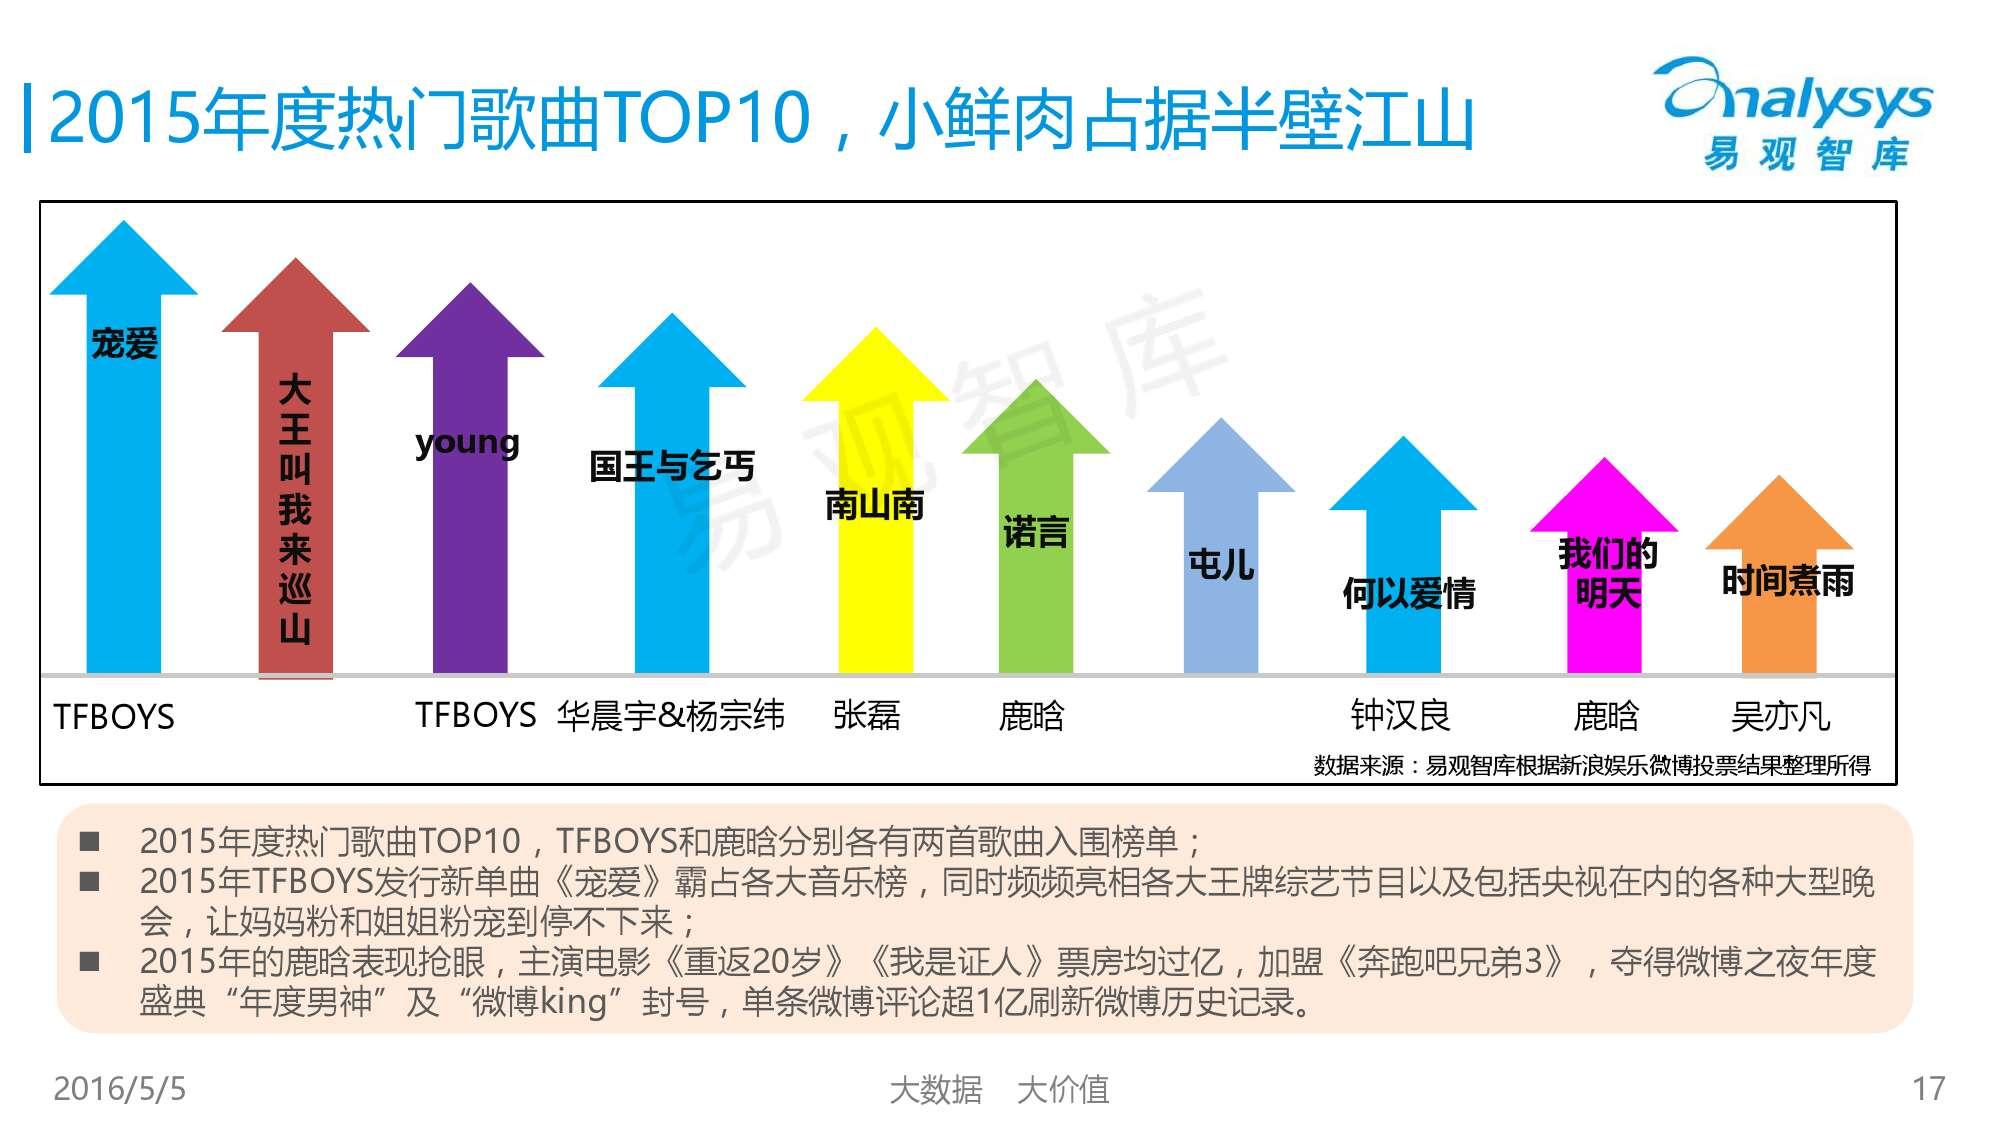 2016中国移动音乐市场年度综合报告_000017